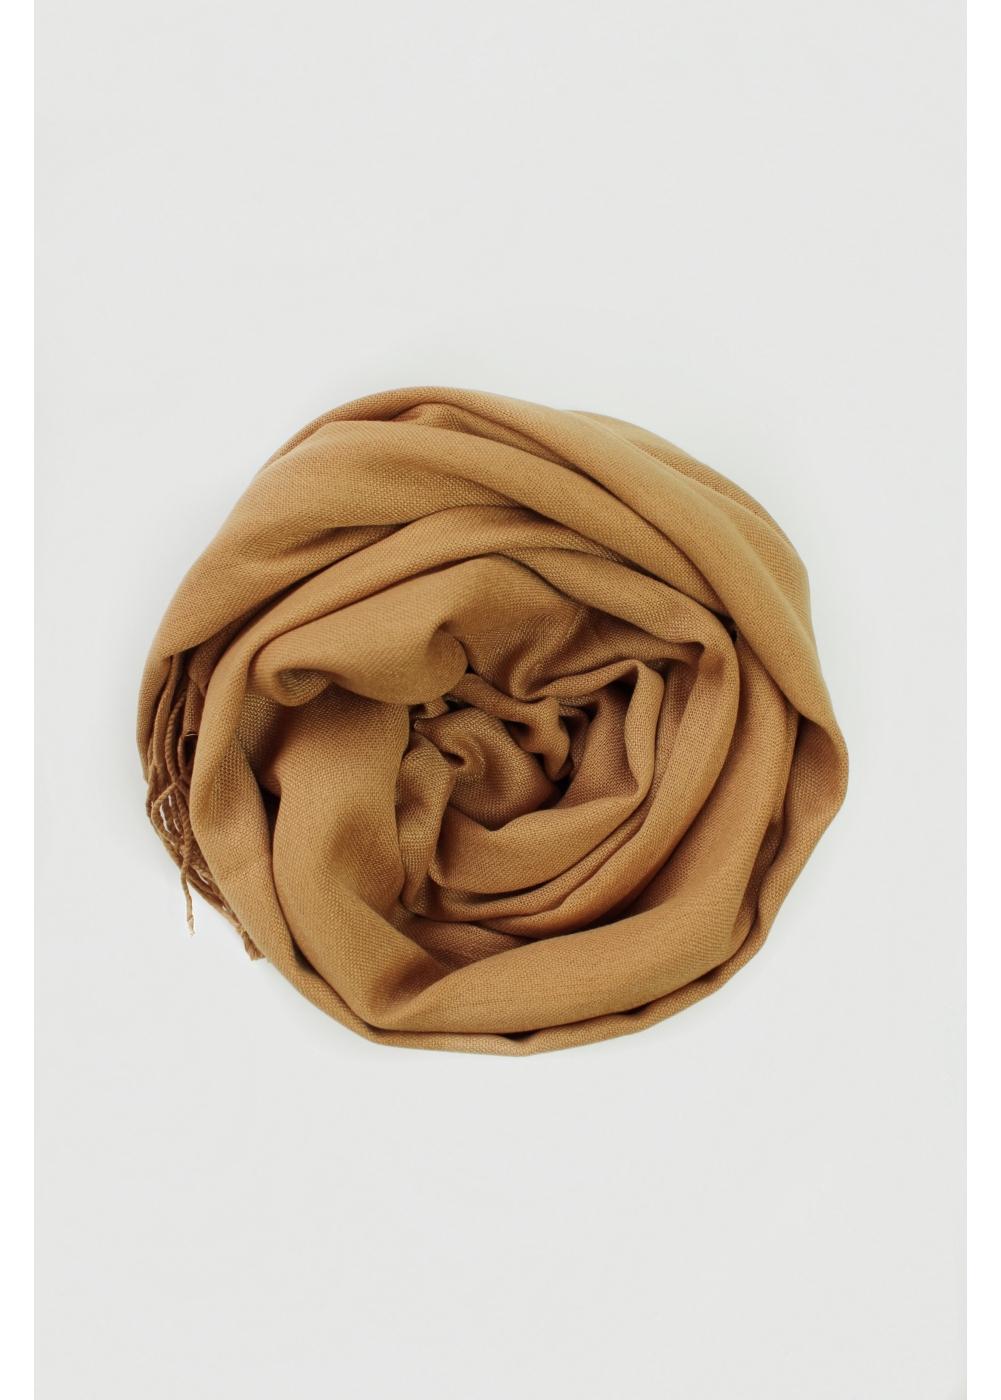 Pashmina hijab mustard brown